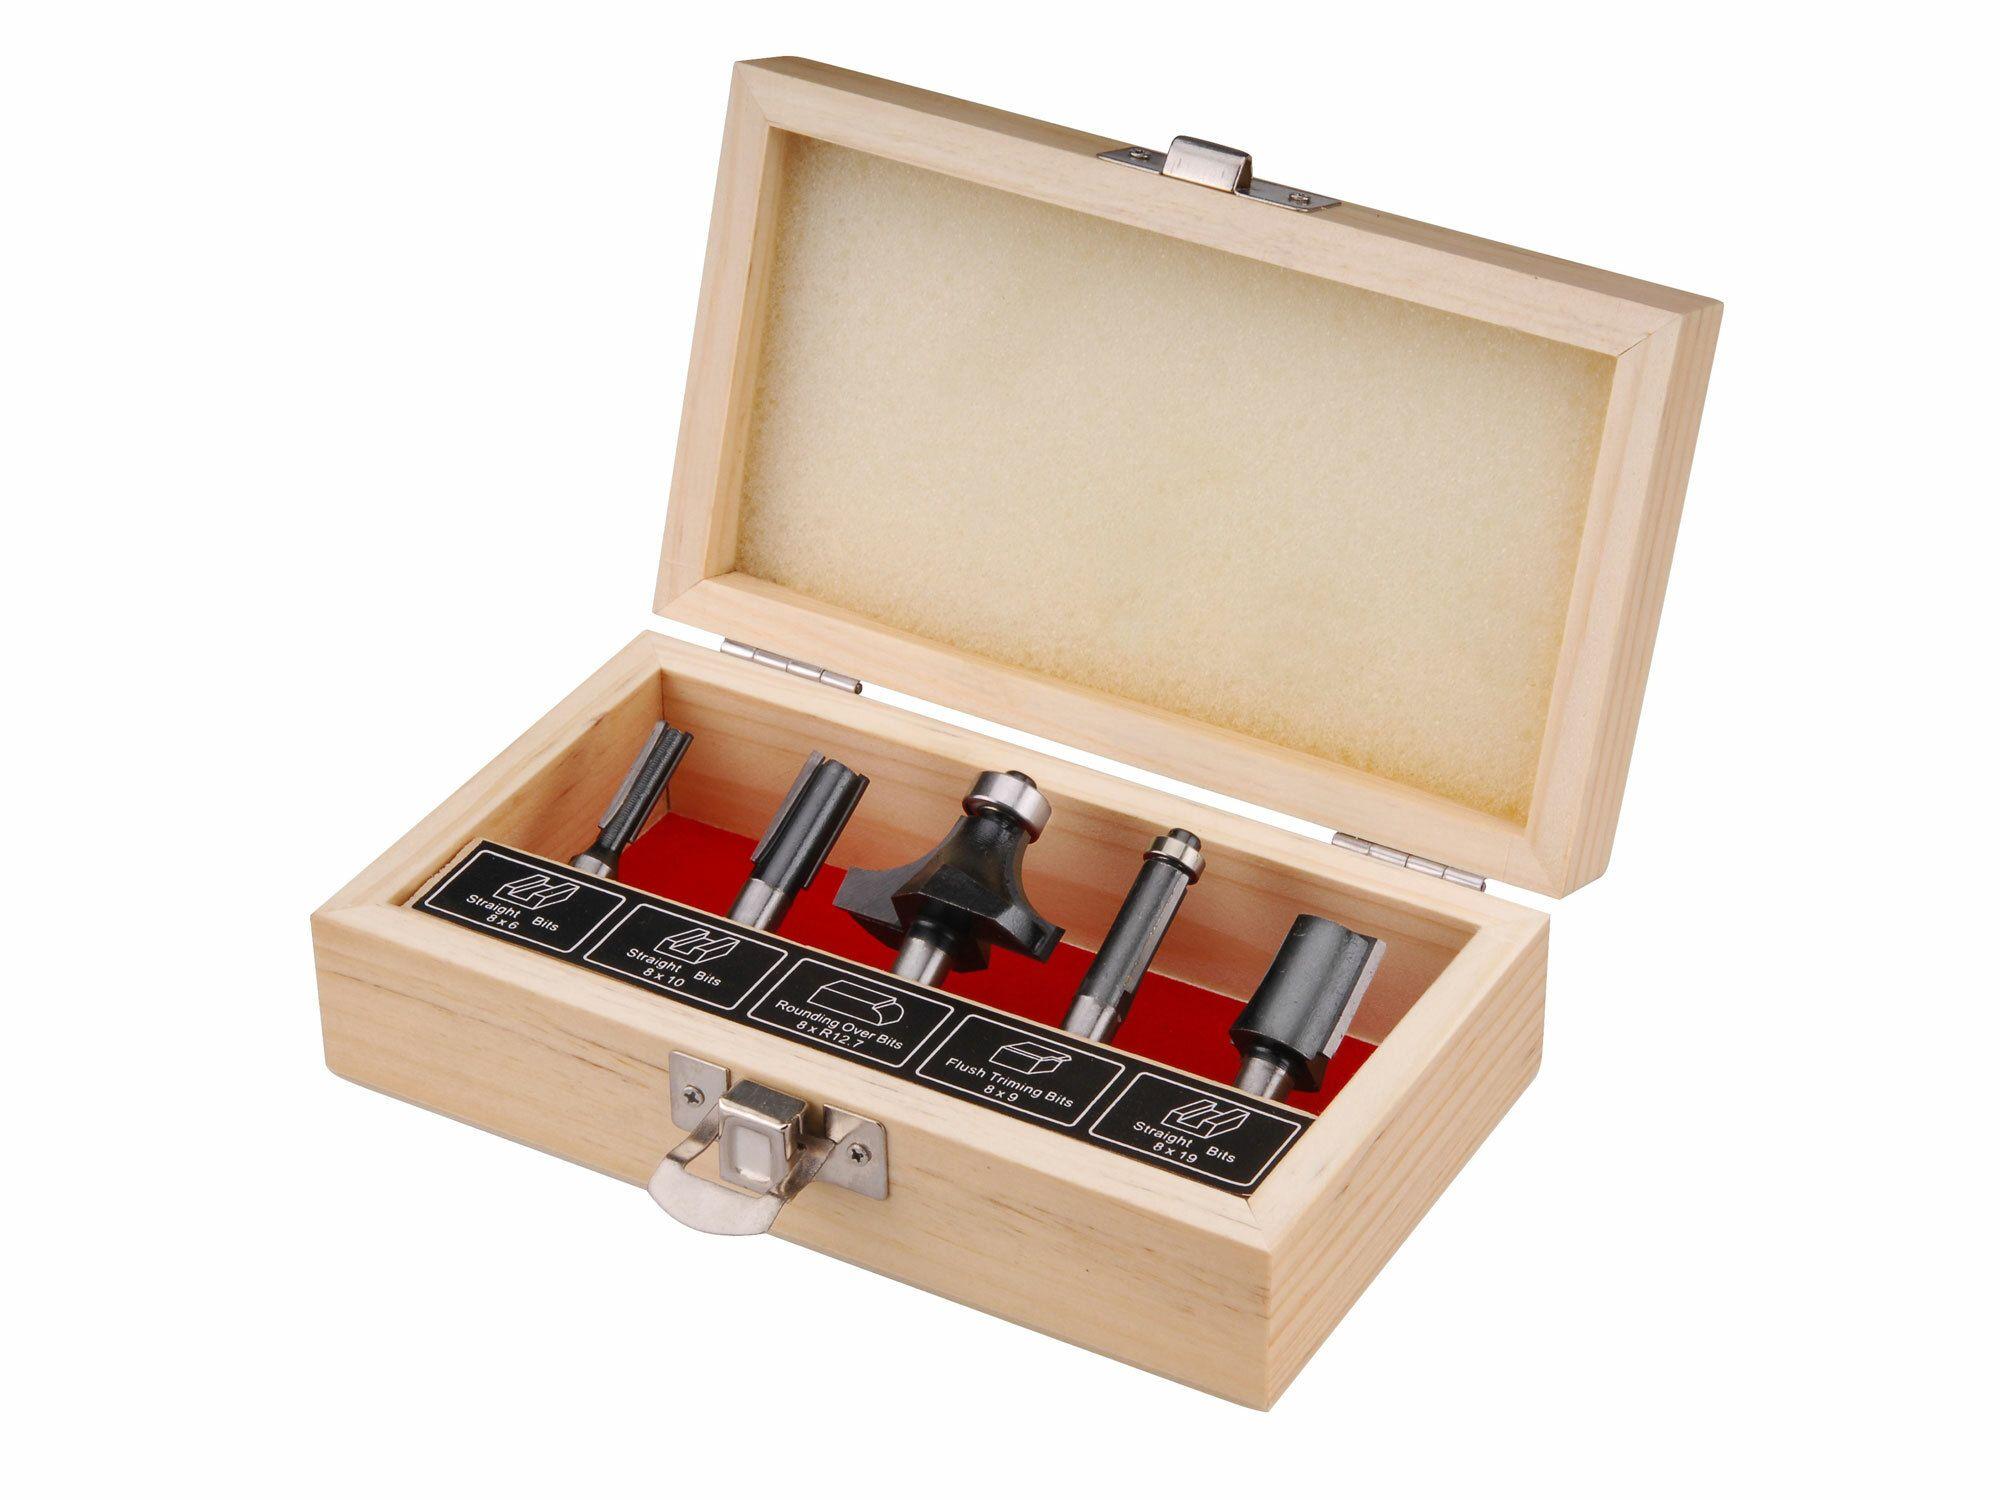 Frézy tvarové do dřeva s SK plátky, sada 5ks, stopka 8mm, v dřevěné kazetě EXTOL-CRAFT